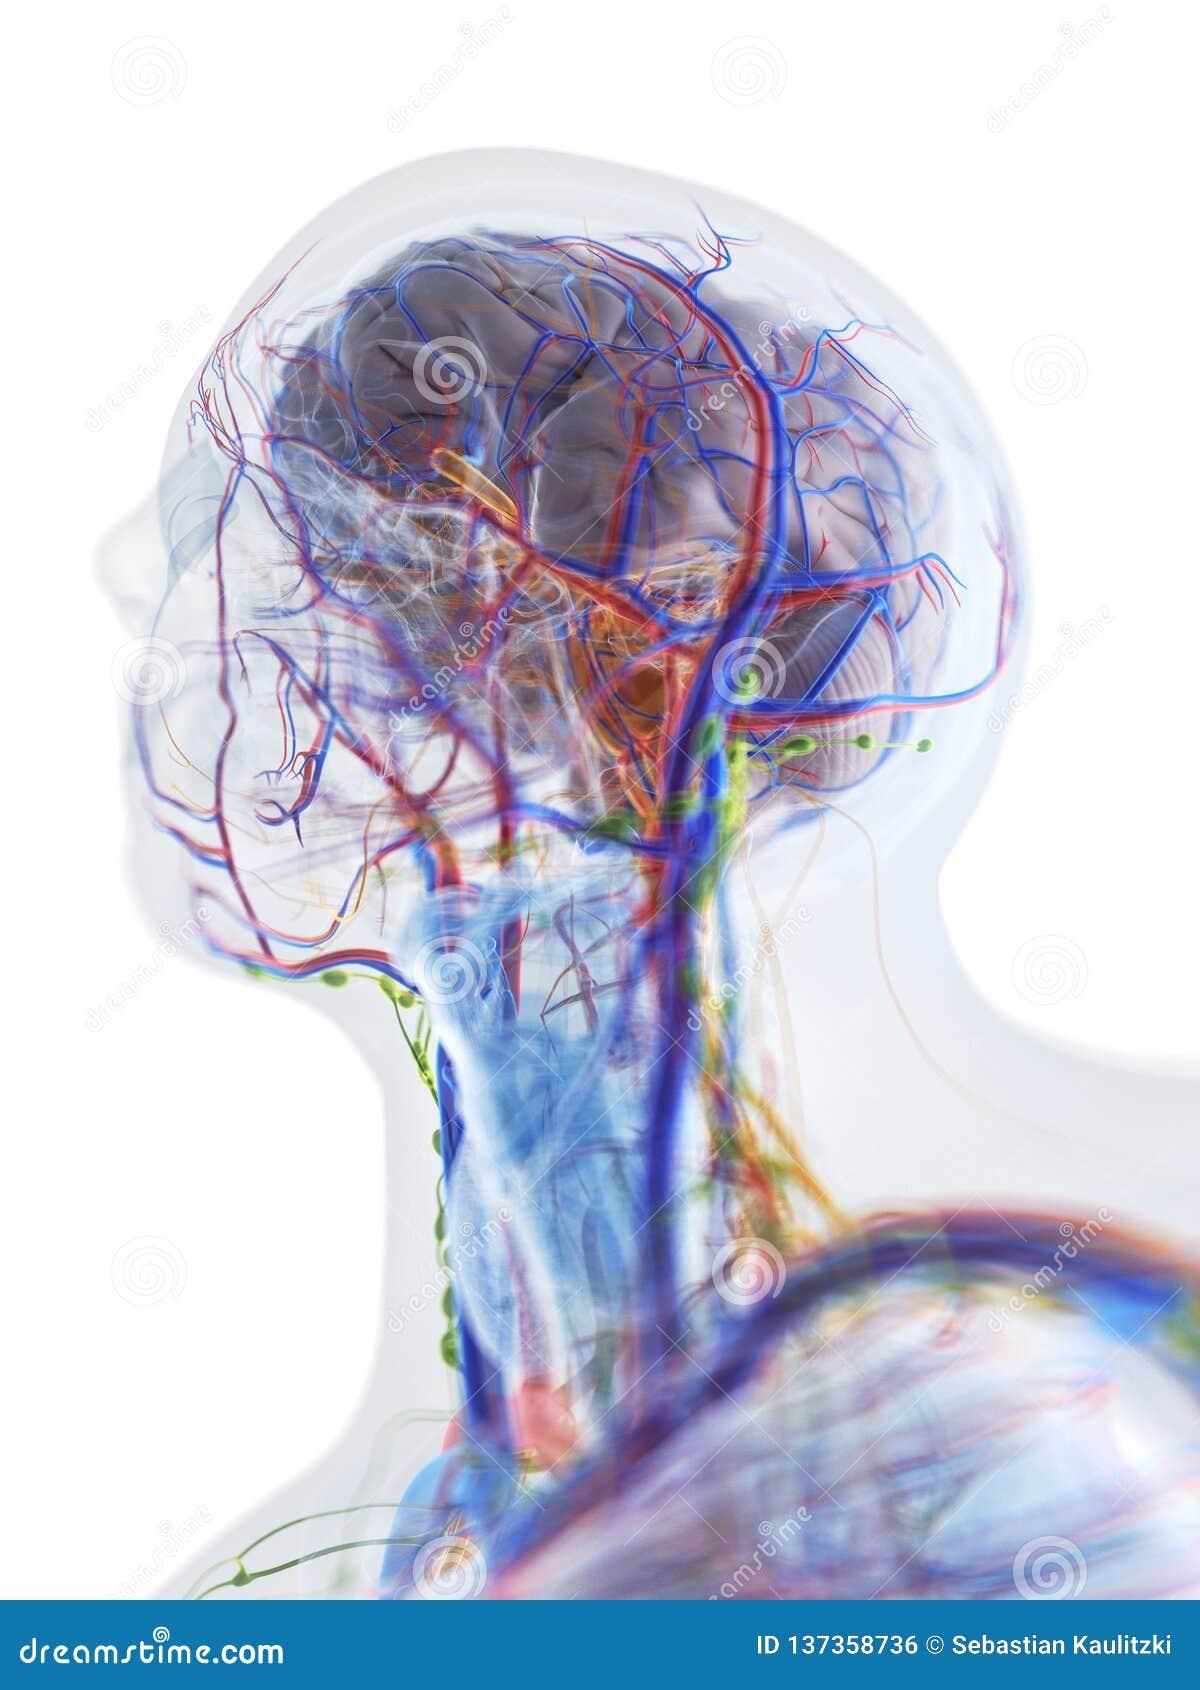 De anatomie van het hoofd en de hals